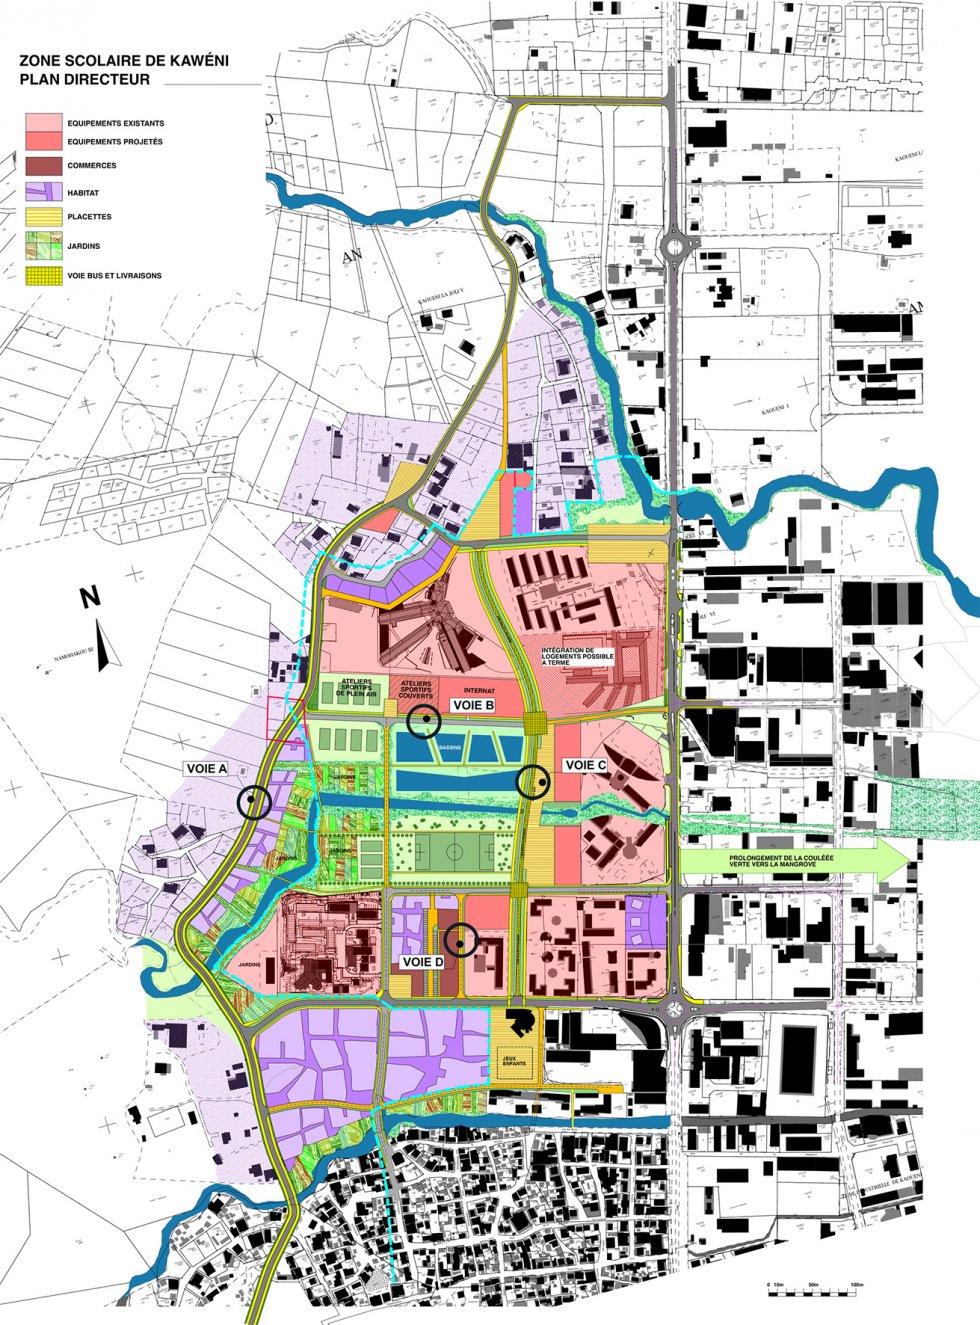 ARVAL architecture - Plan d'aménagement de la zone Kaweni – Mamoudzou - 1 Mamoudzou ARVAL plan directeur